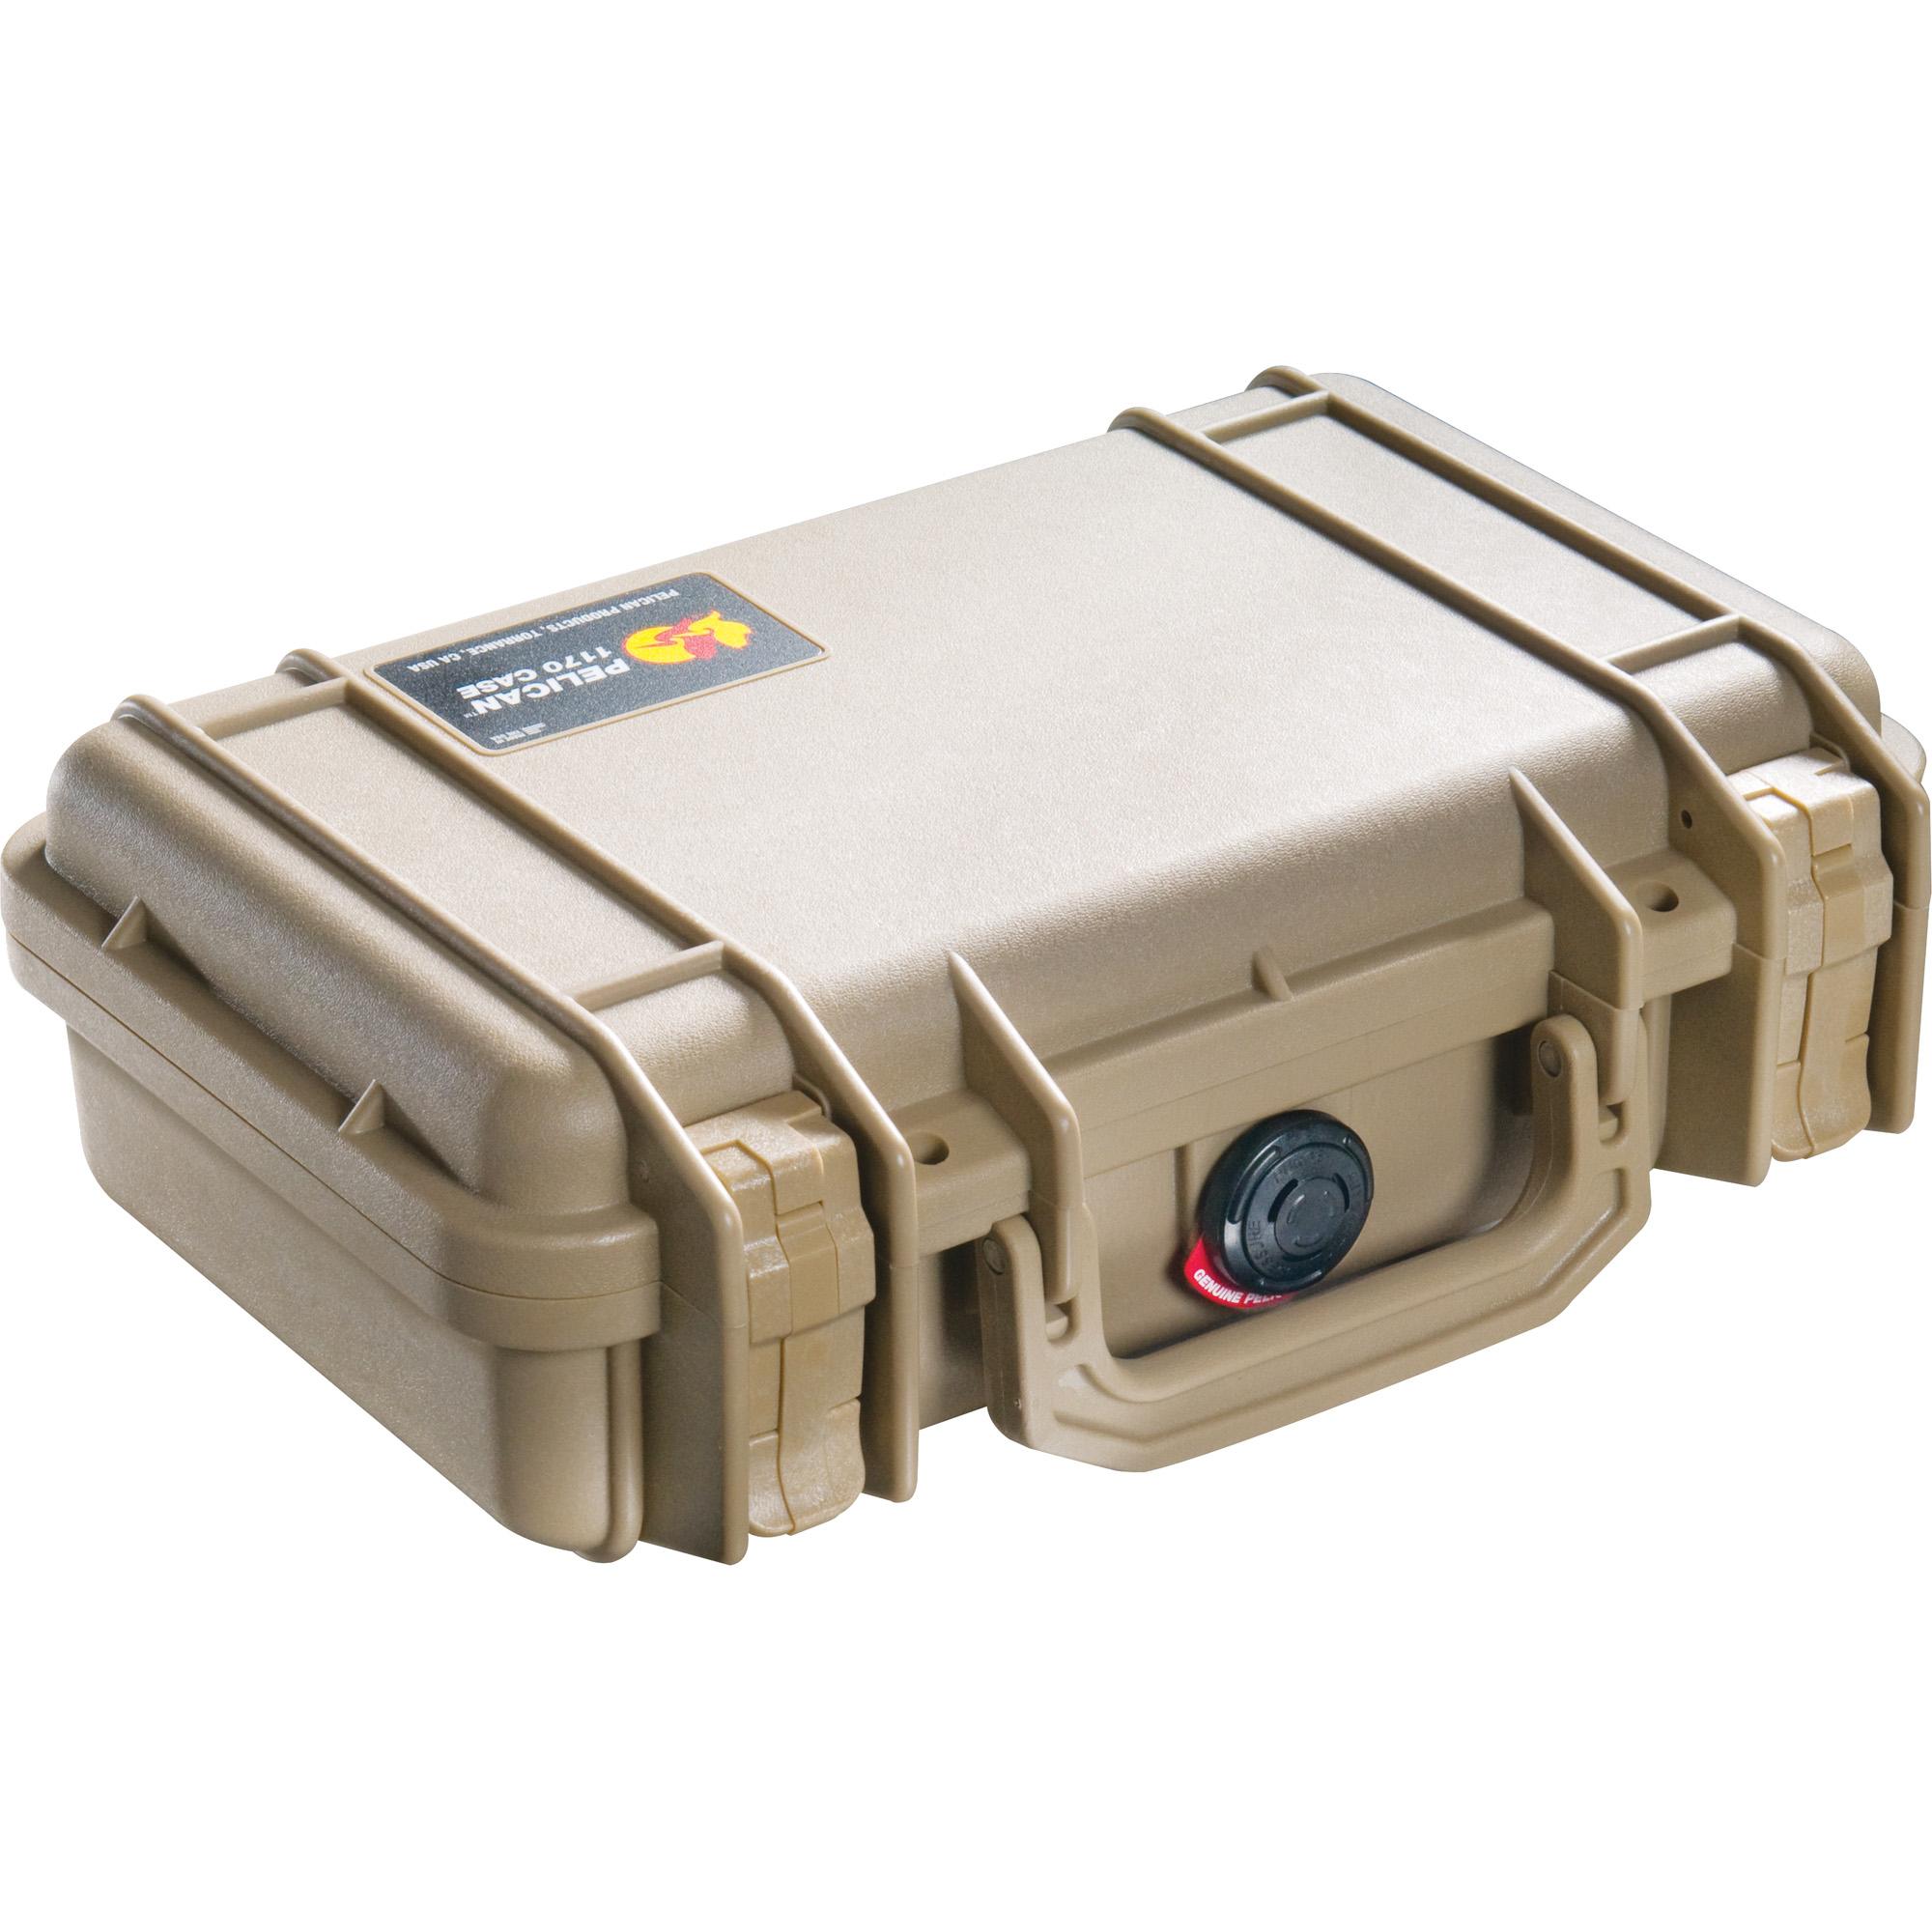 Pelican 1170 Protector Case Tan